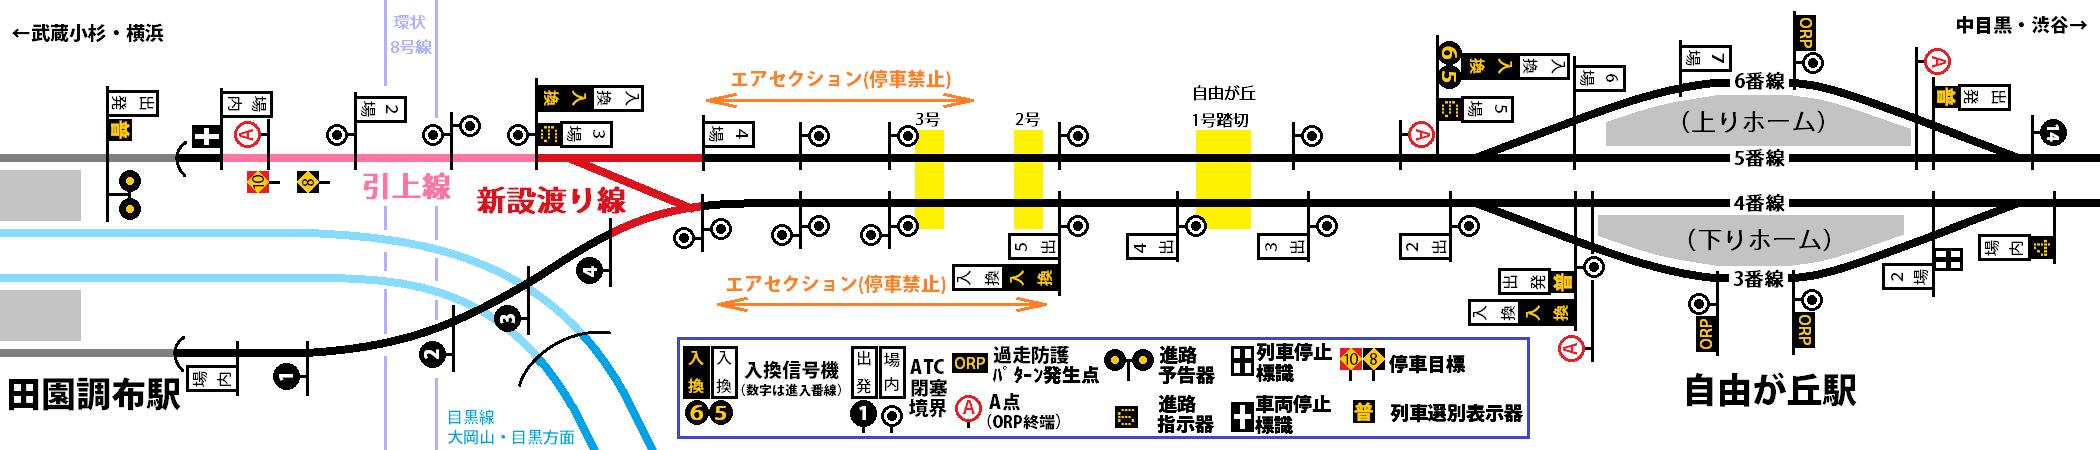 自由が丘~田園調布間の信号システム概略図(一部省略・不正確なか所あり)